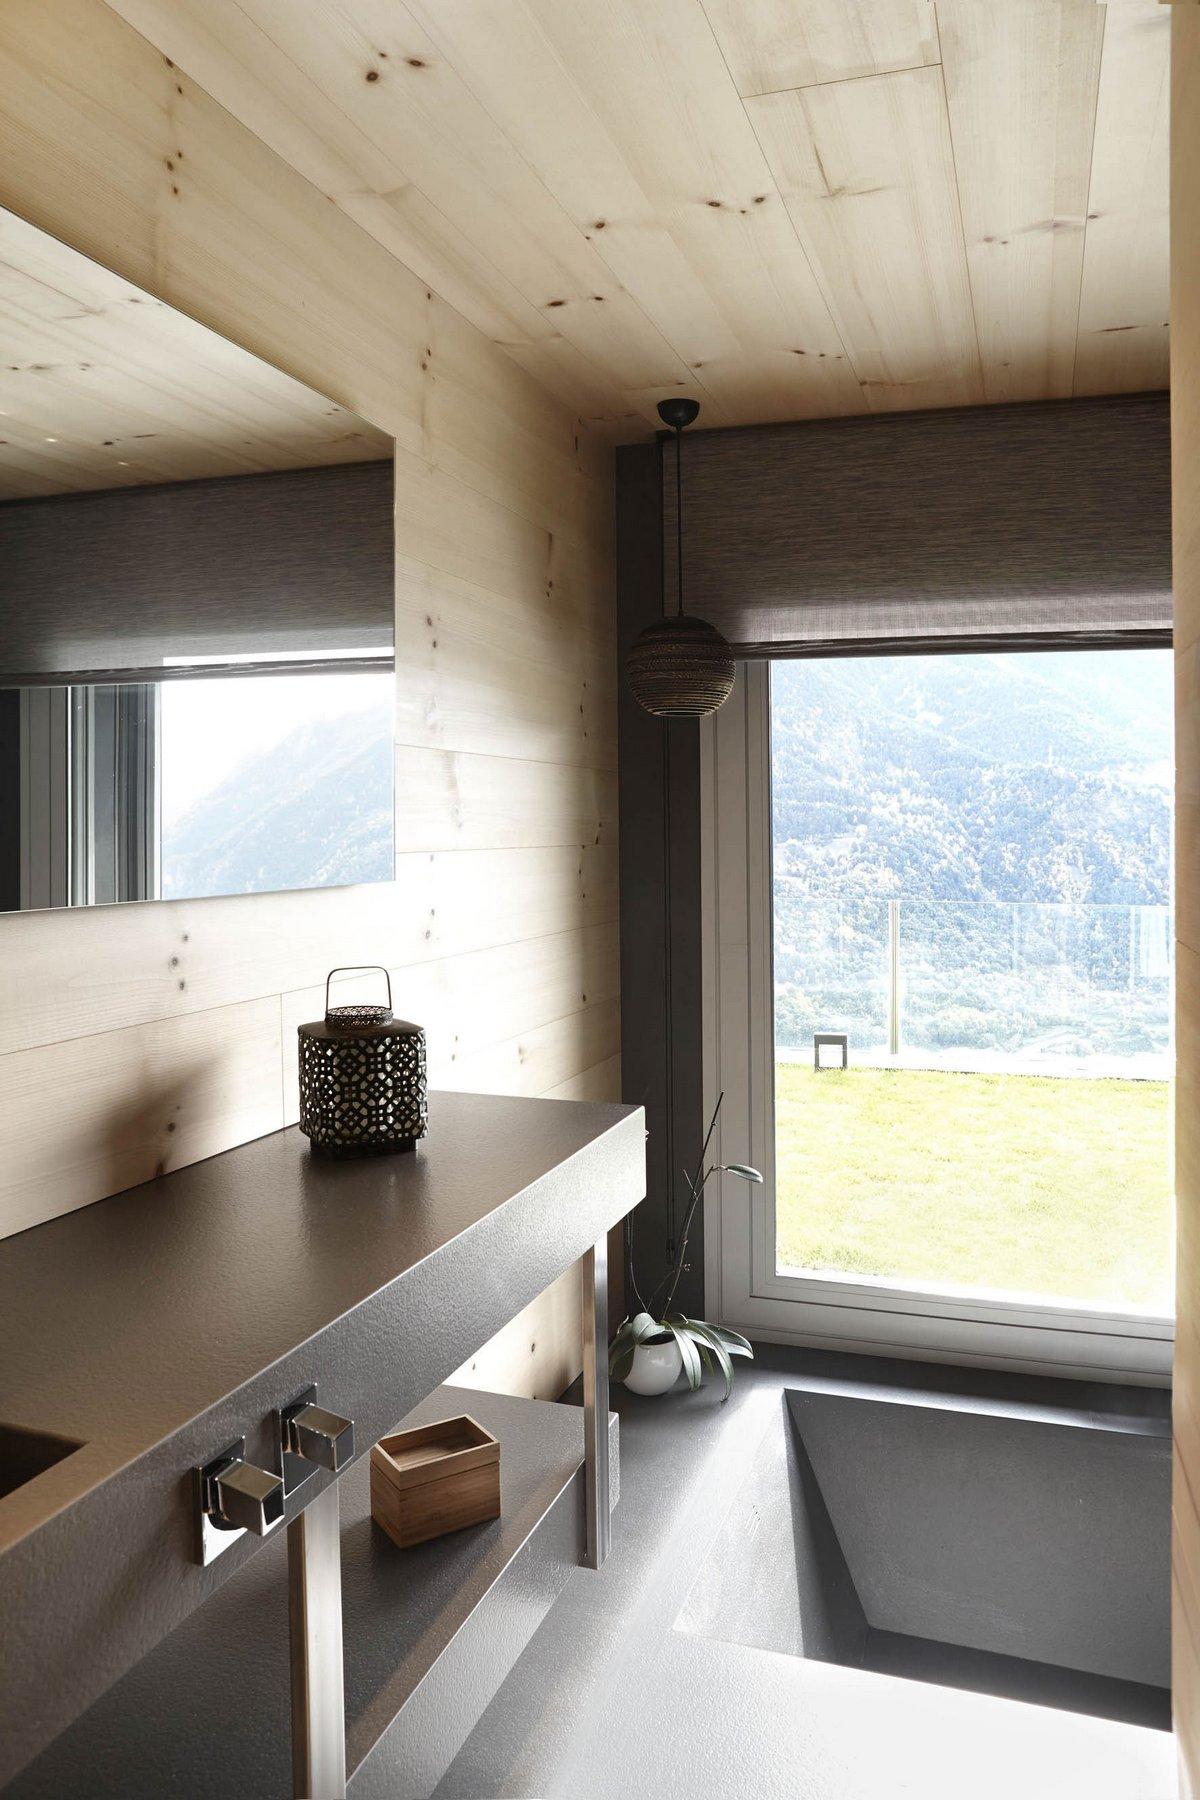 Coblonal Arquitectura, дома в Андорра-ла-Велья, особняки в Андорре, нейтральный дизайн интерьера, светлое дерево в отделке интерьера, трехэтажный дом